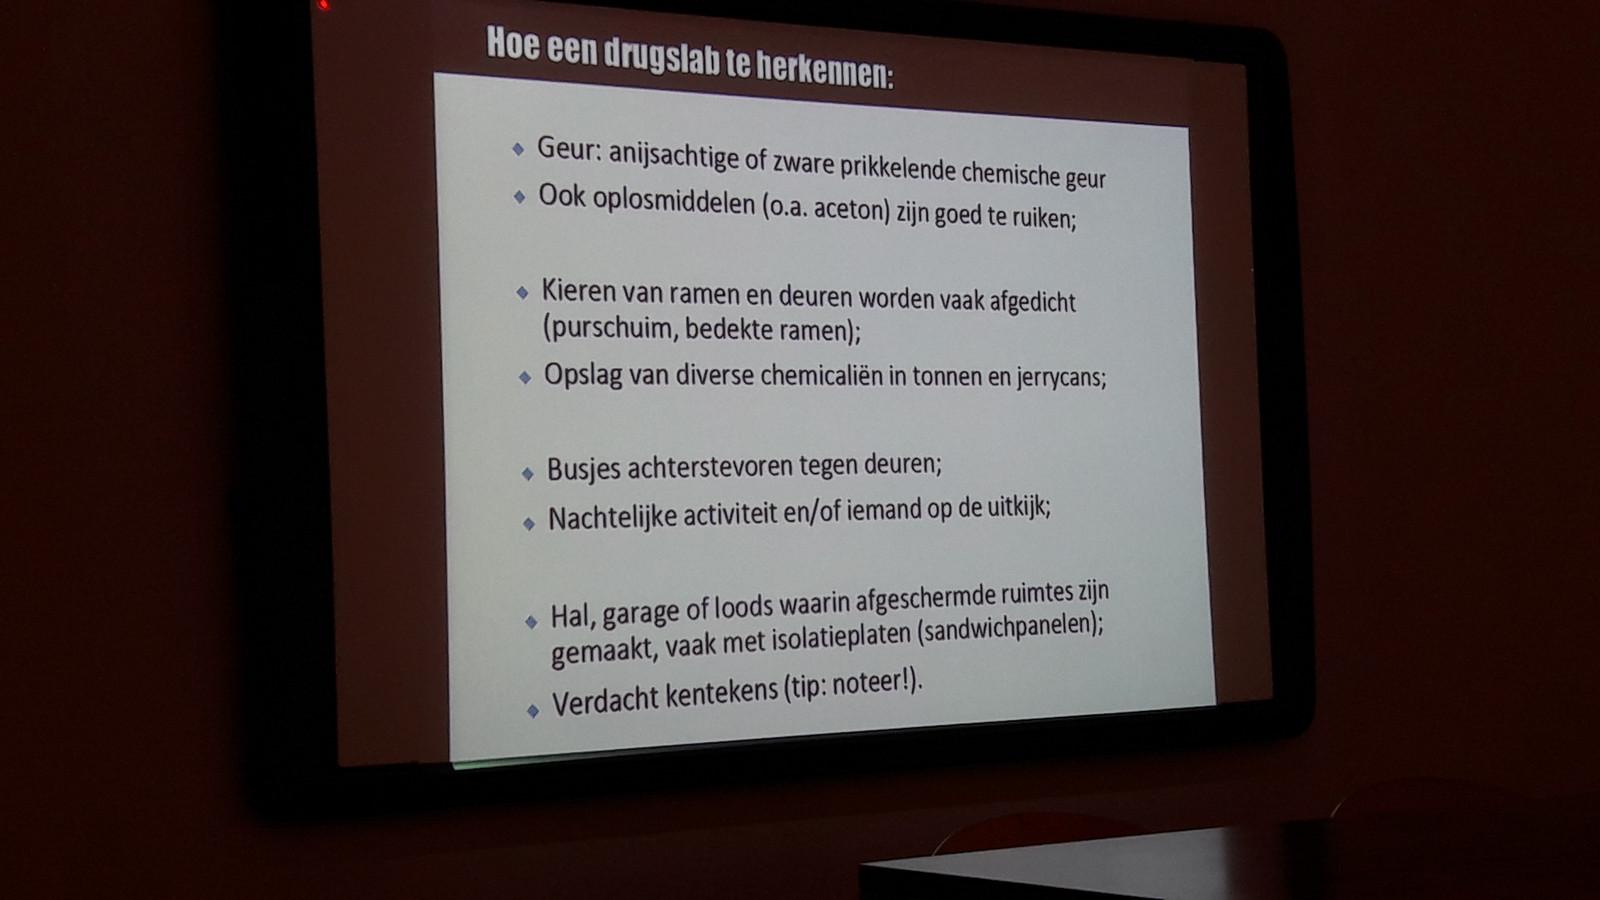 Onderdeel van de powerpoint-presentatie in Rucphen dinsdagavond:  hoe herken je een drugslab?